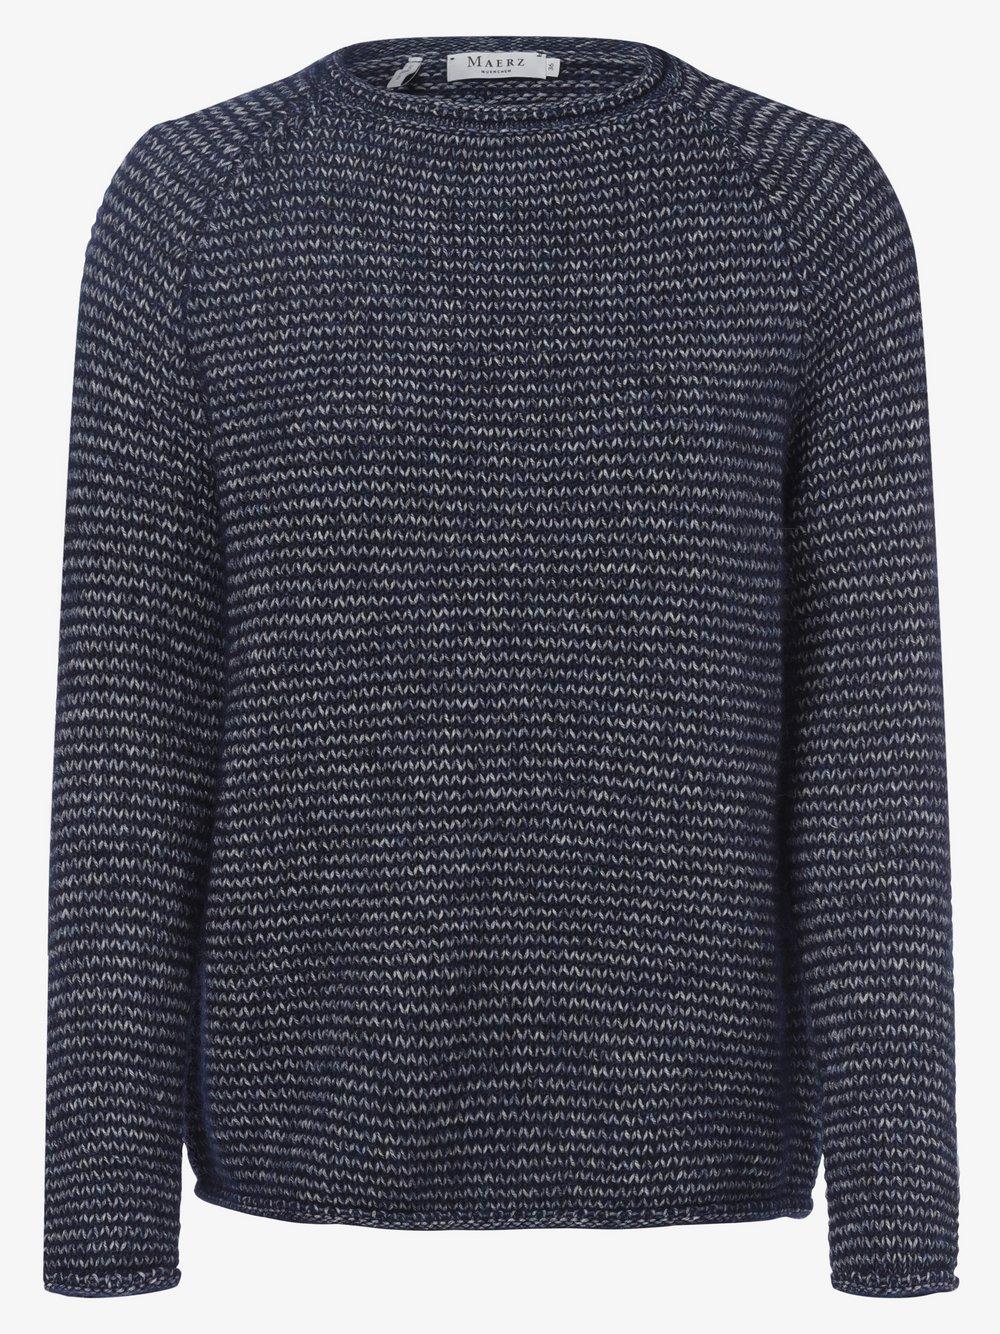 März – Sweter damski z dodatkiem alpaki, niebieski Van Graaf 485981-0002-00420